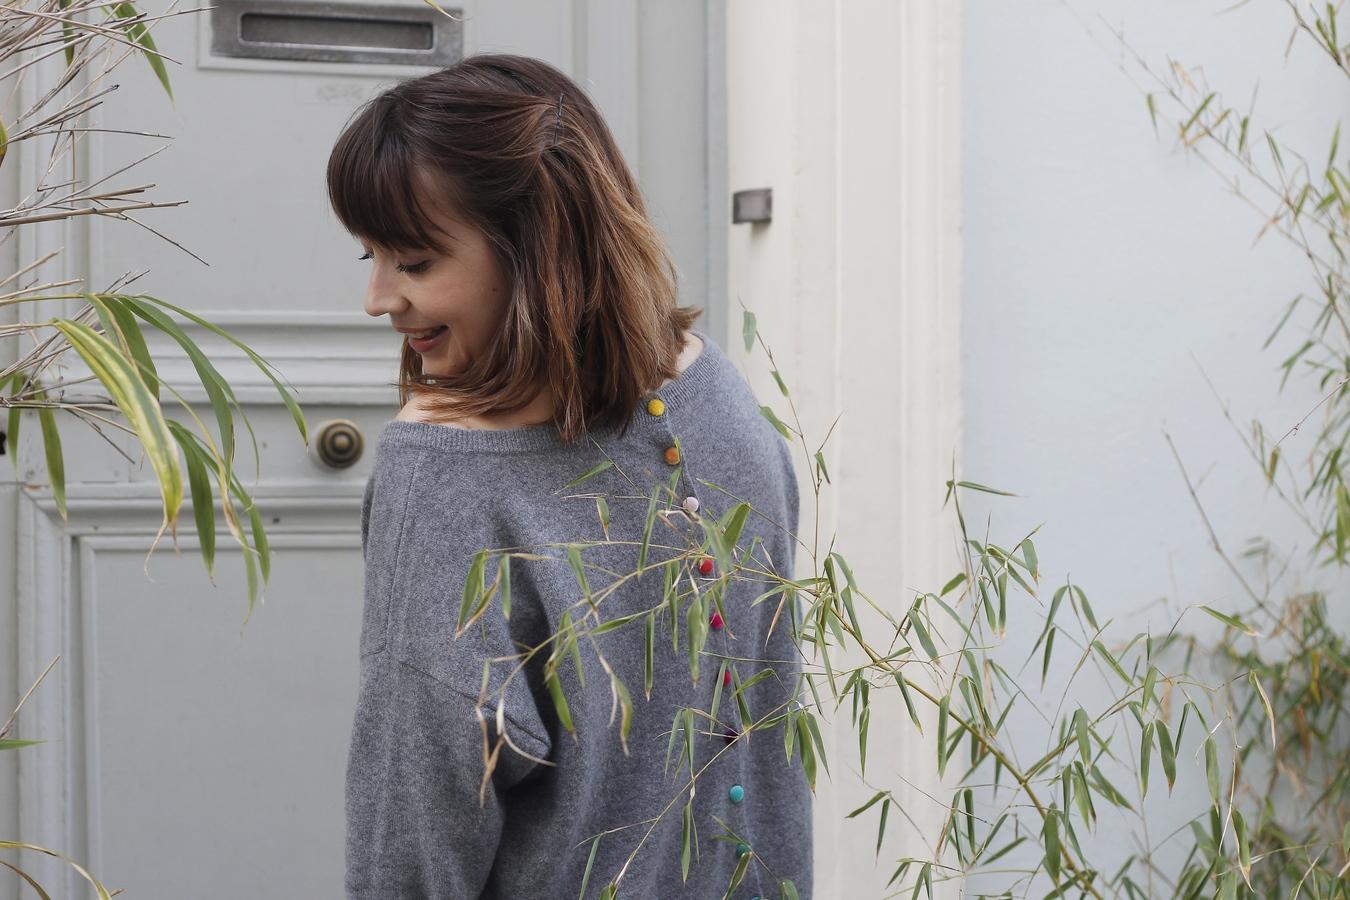 Blog mode femme Paris - Du style, Madame - streetstyle - estheme cachemire - rue crémieux